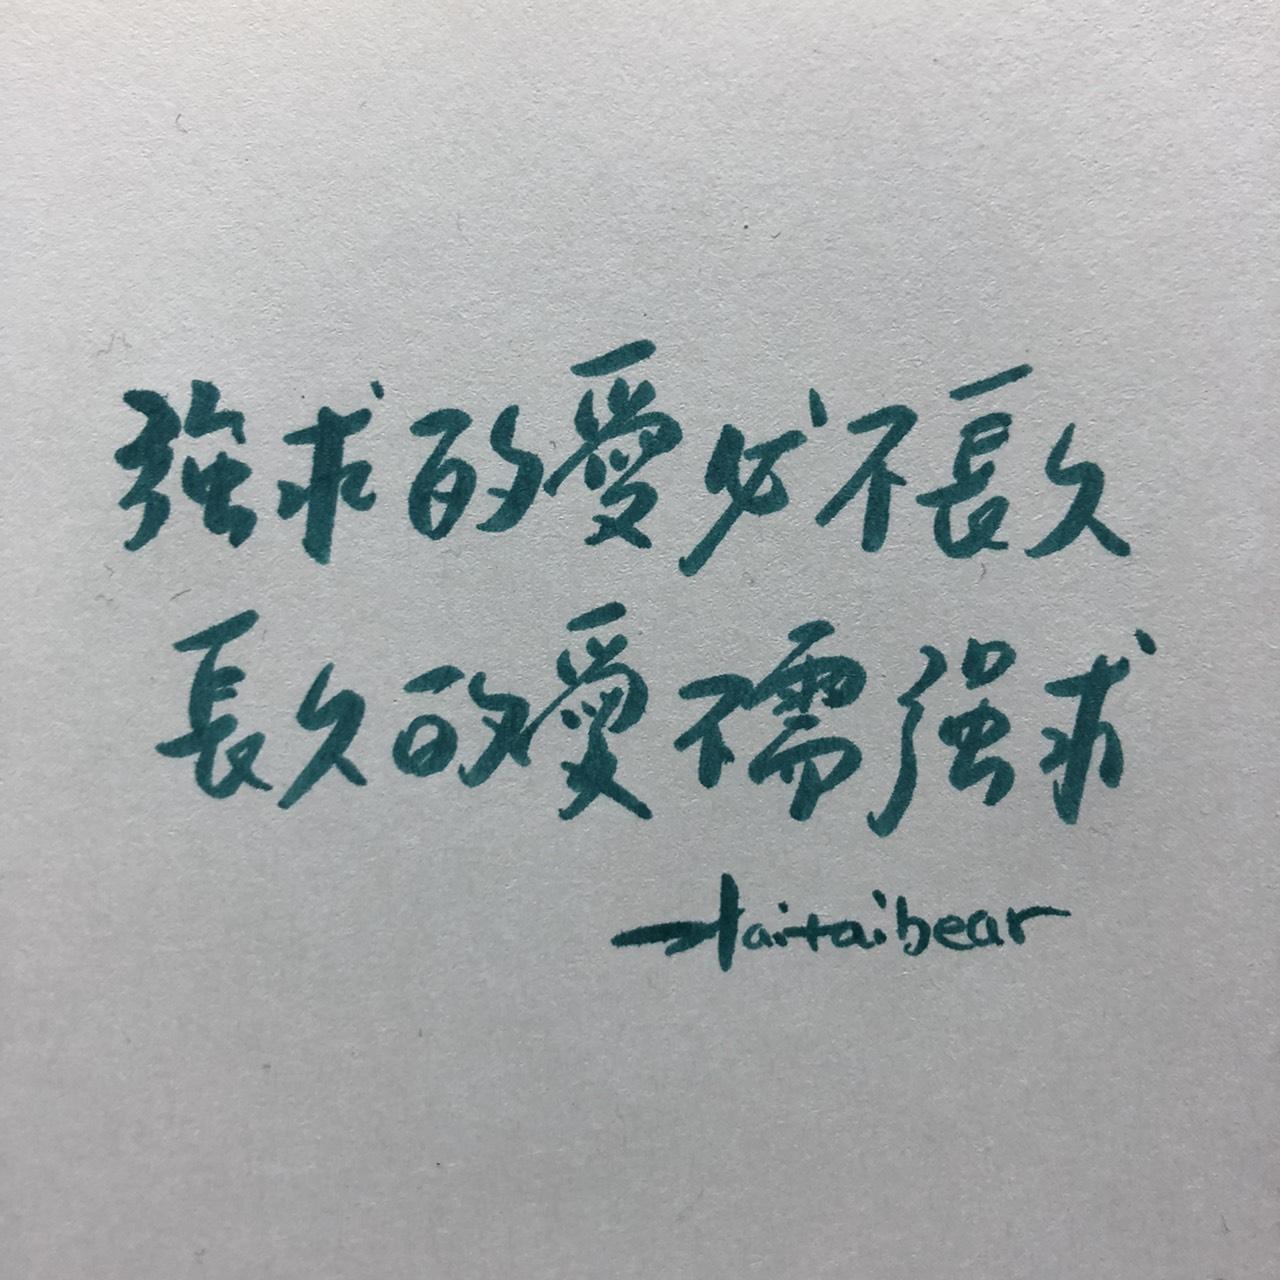 在愛情裡學長大:強求來的必不長久,長久的愛不需強求